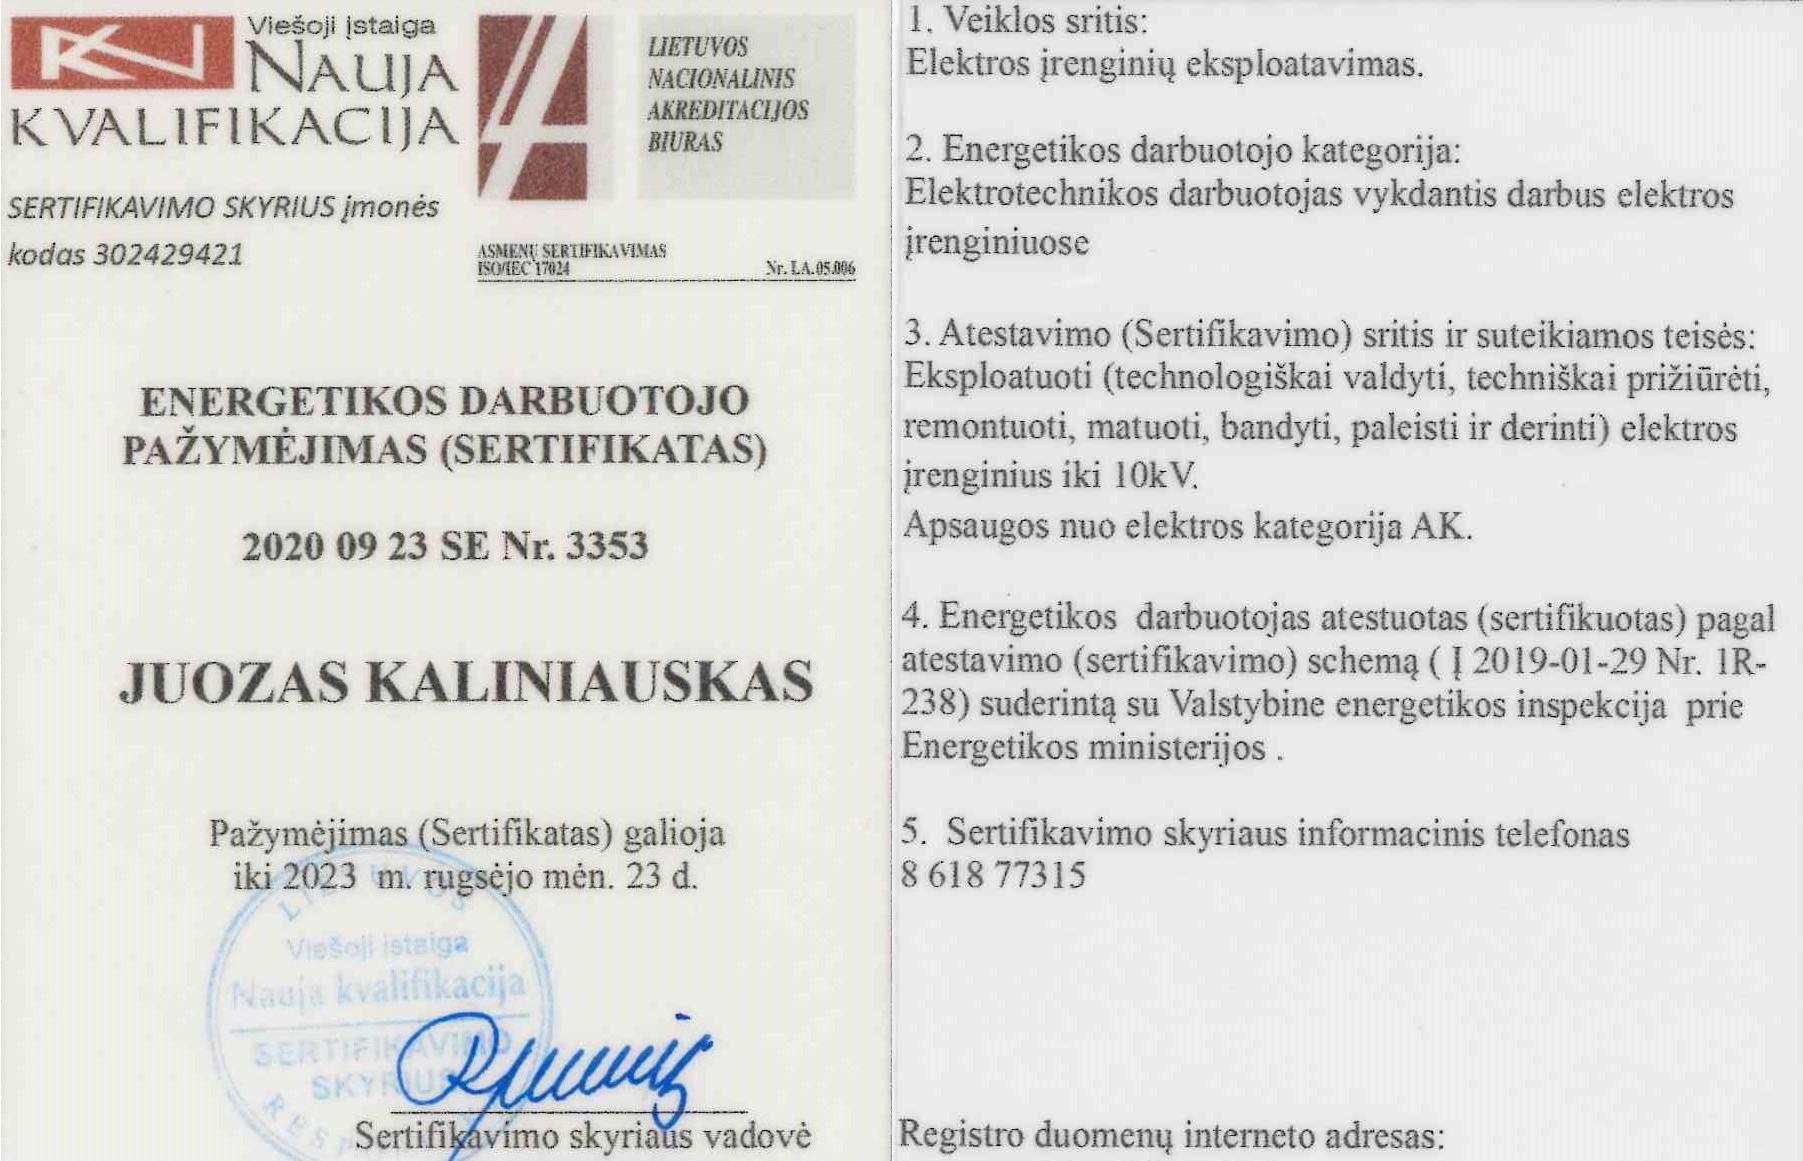 Elektros energijos energetikos darbuotojo sertifikatas